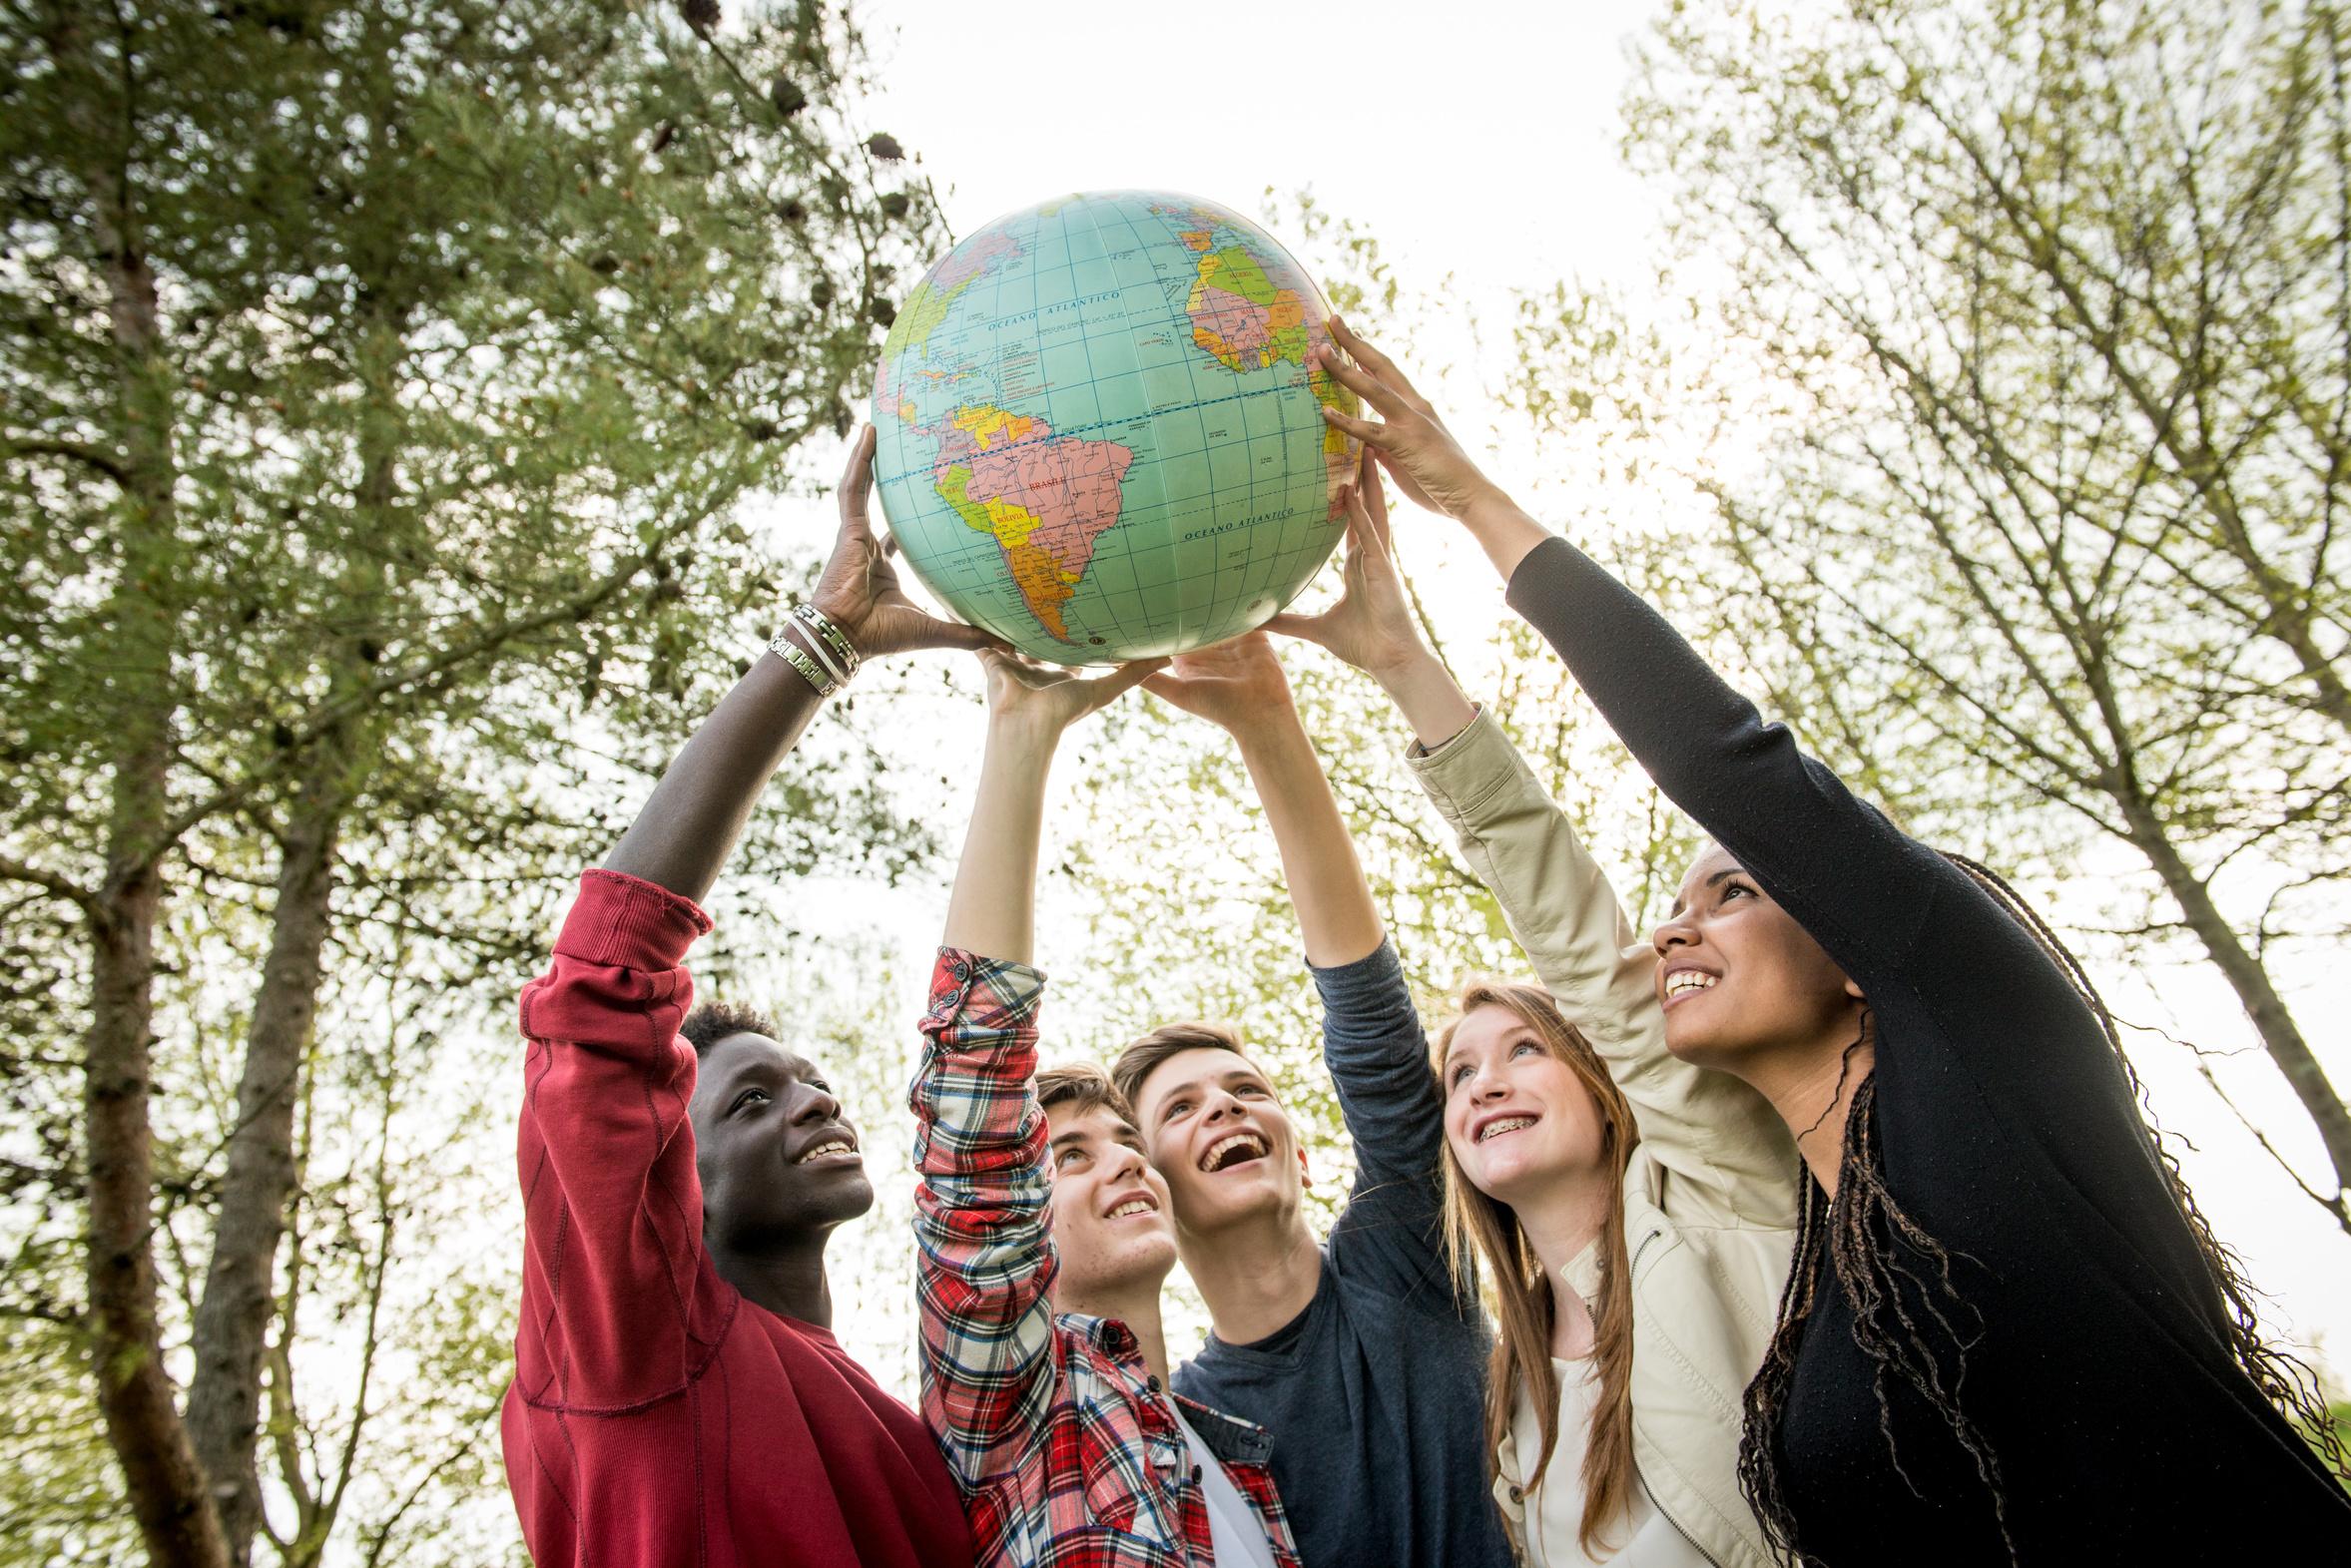 Imagen de bola del mundo cogida por las manos de jóvenes que reflejan la integración social